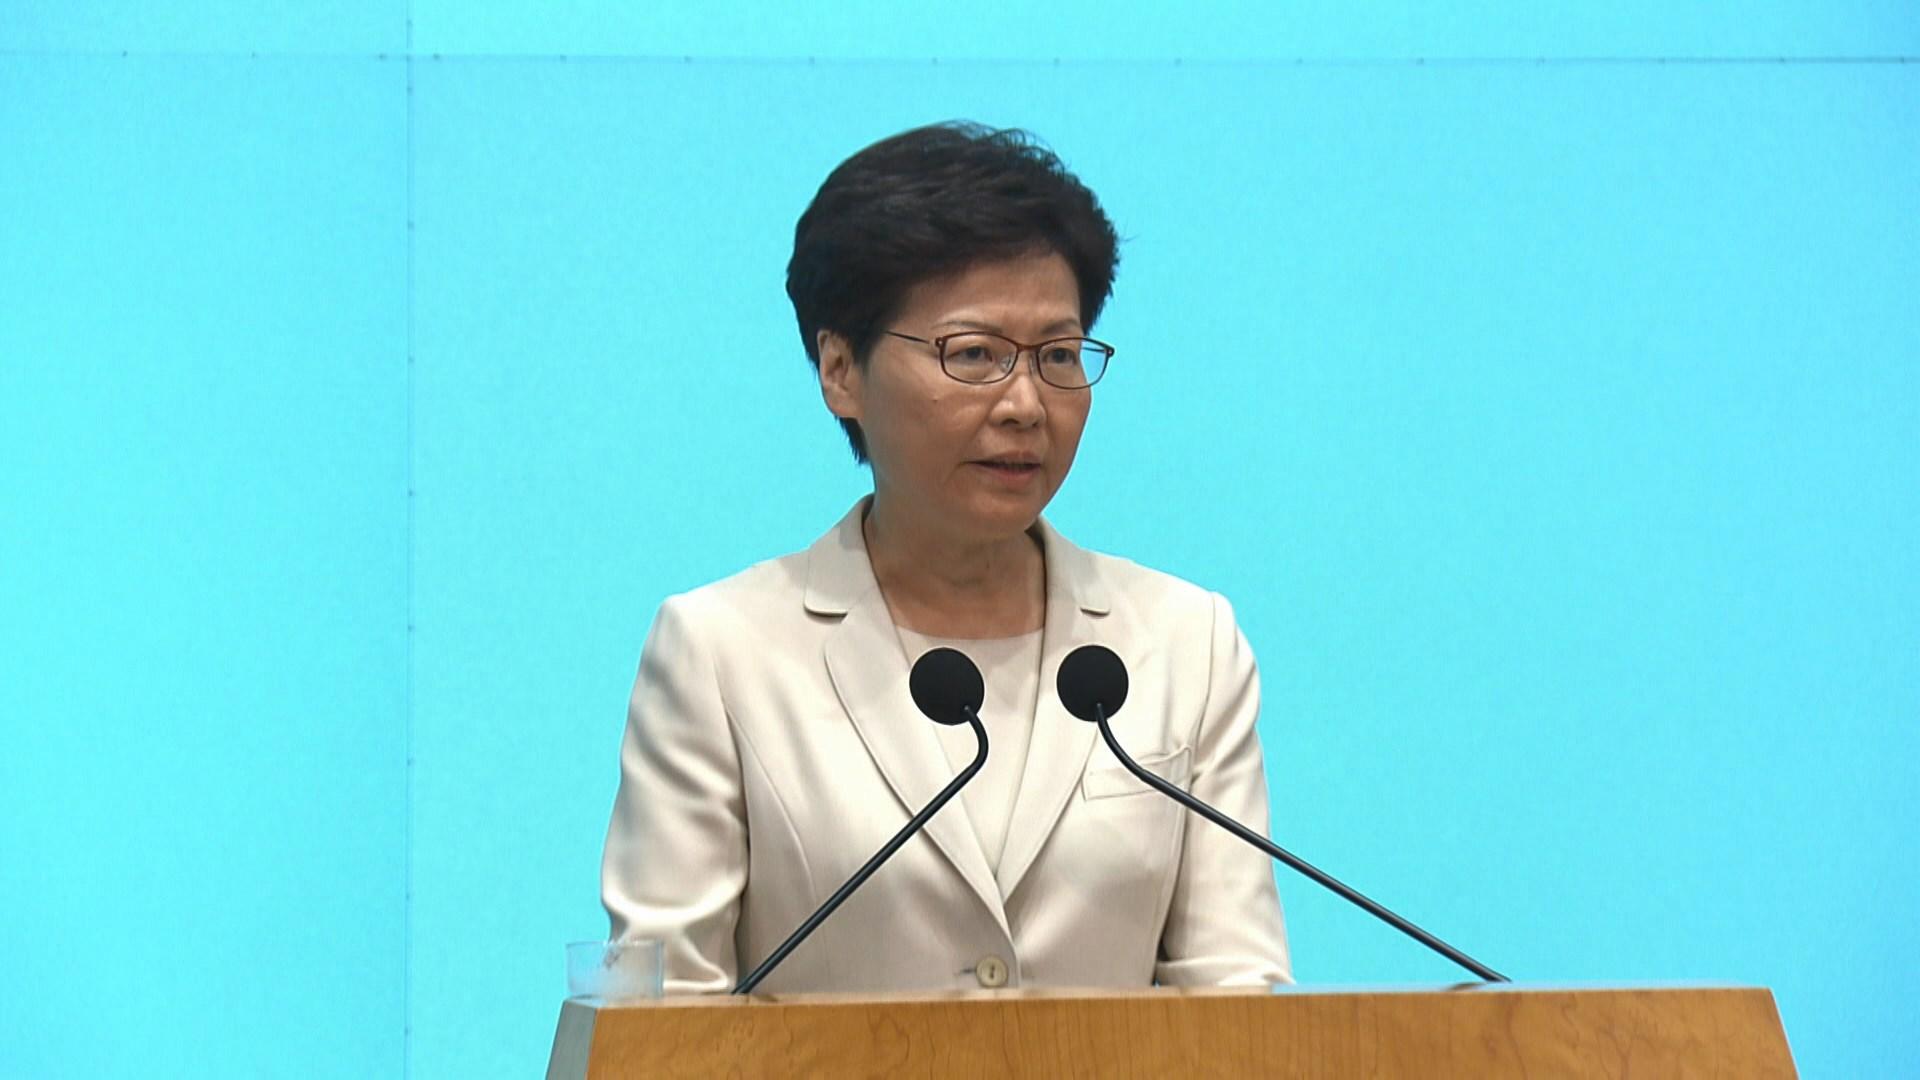 路透社:林鄭曾向北京建議撤回修例但遭拒絕